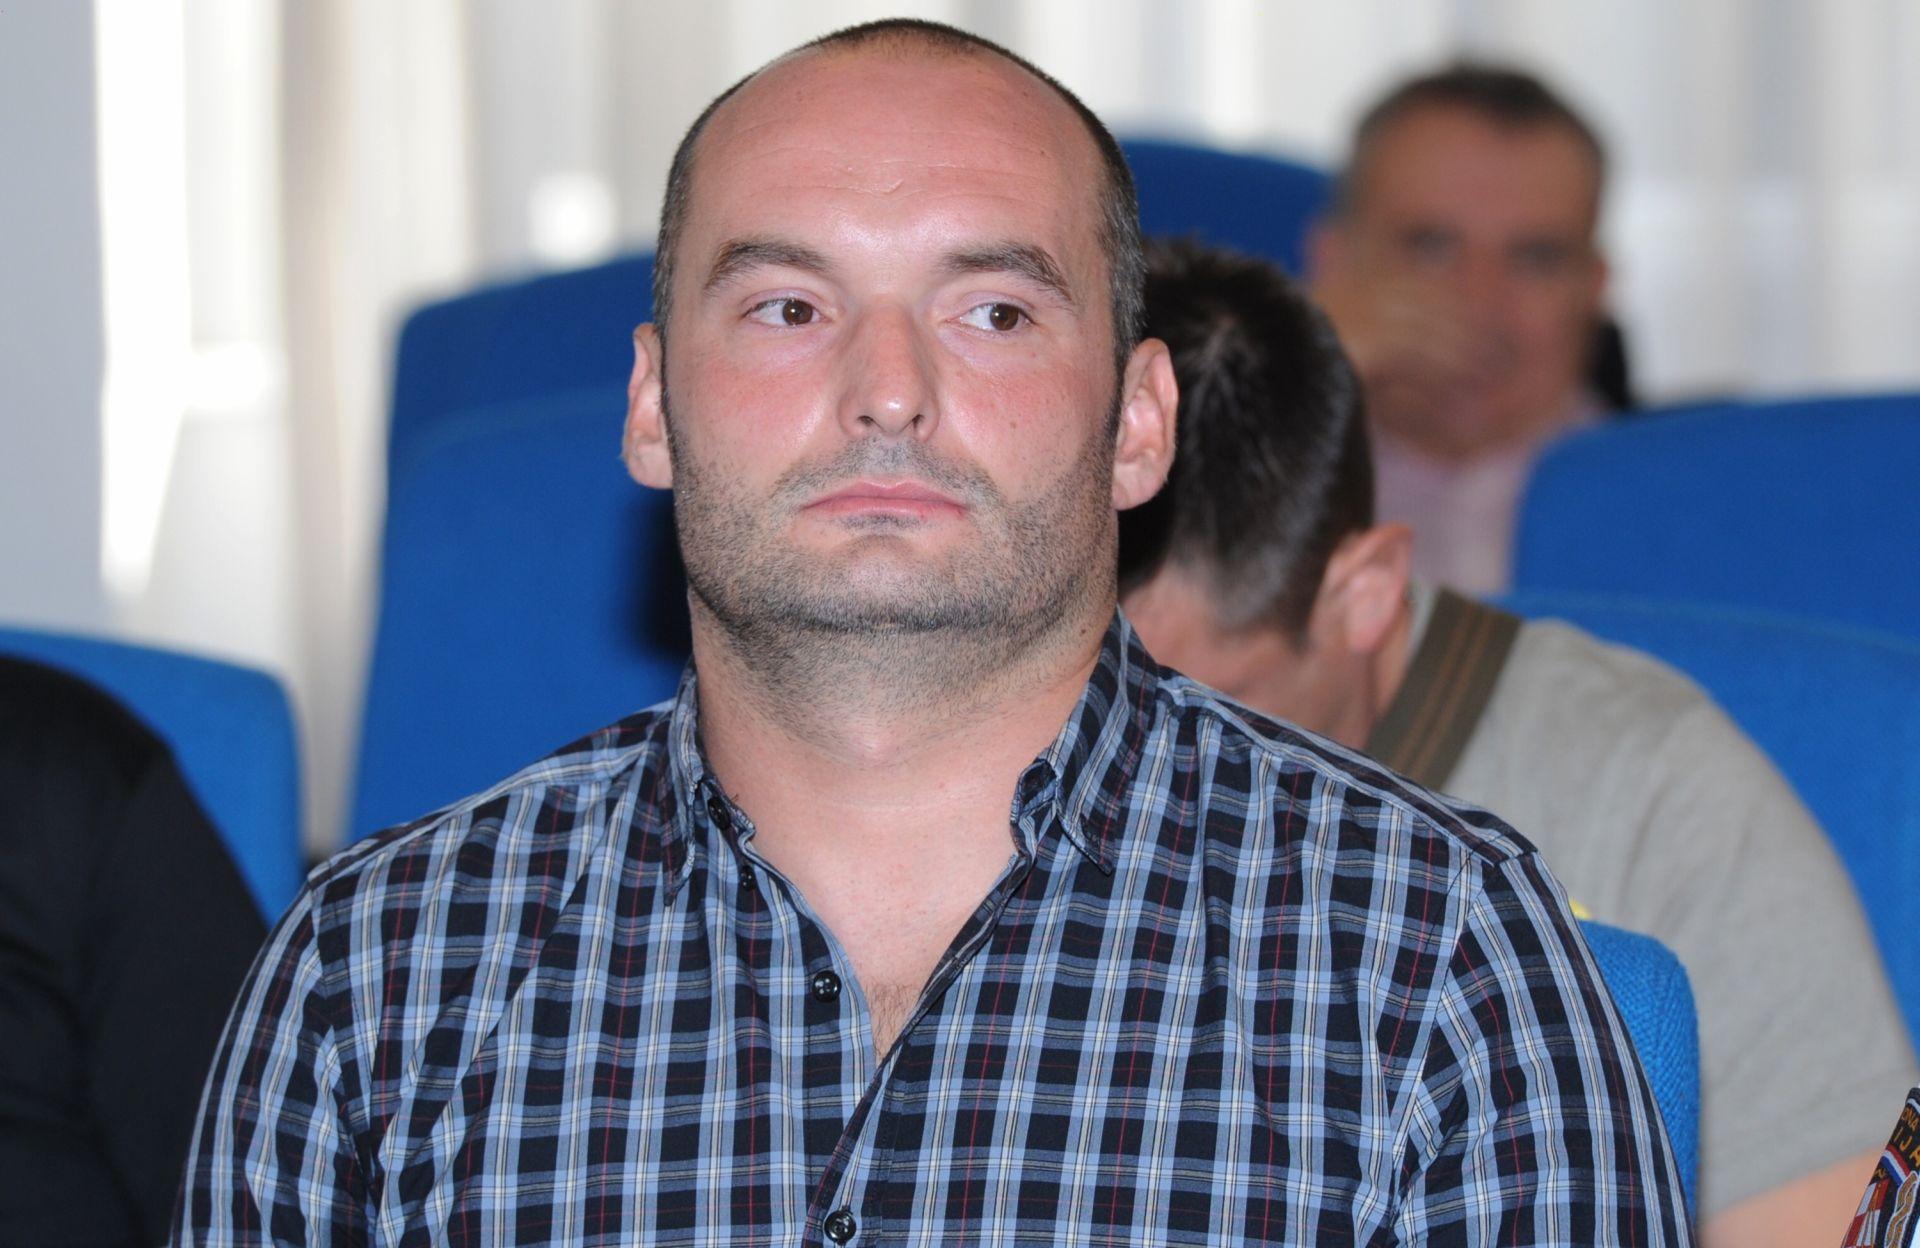 Potvrđena presuda za krvavu pljačku Fine 2005.: Dubravku Žugelju 40 godina zatvora